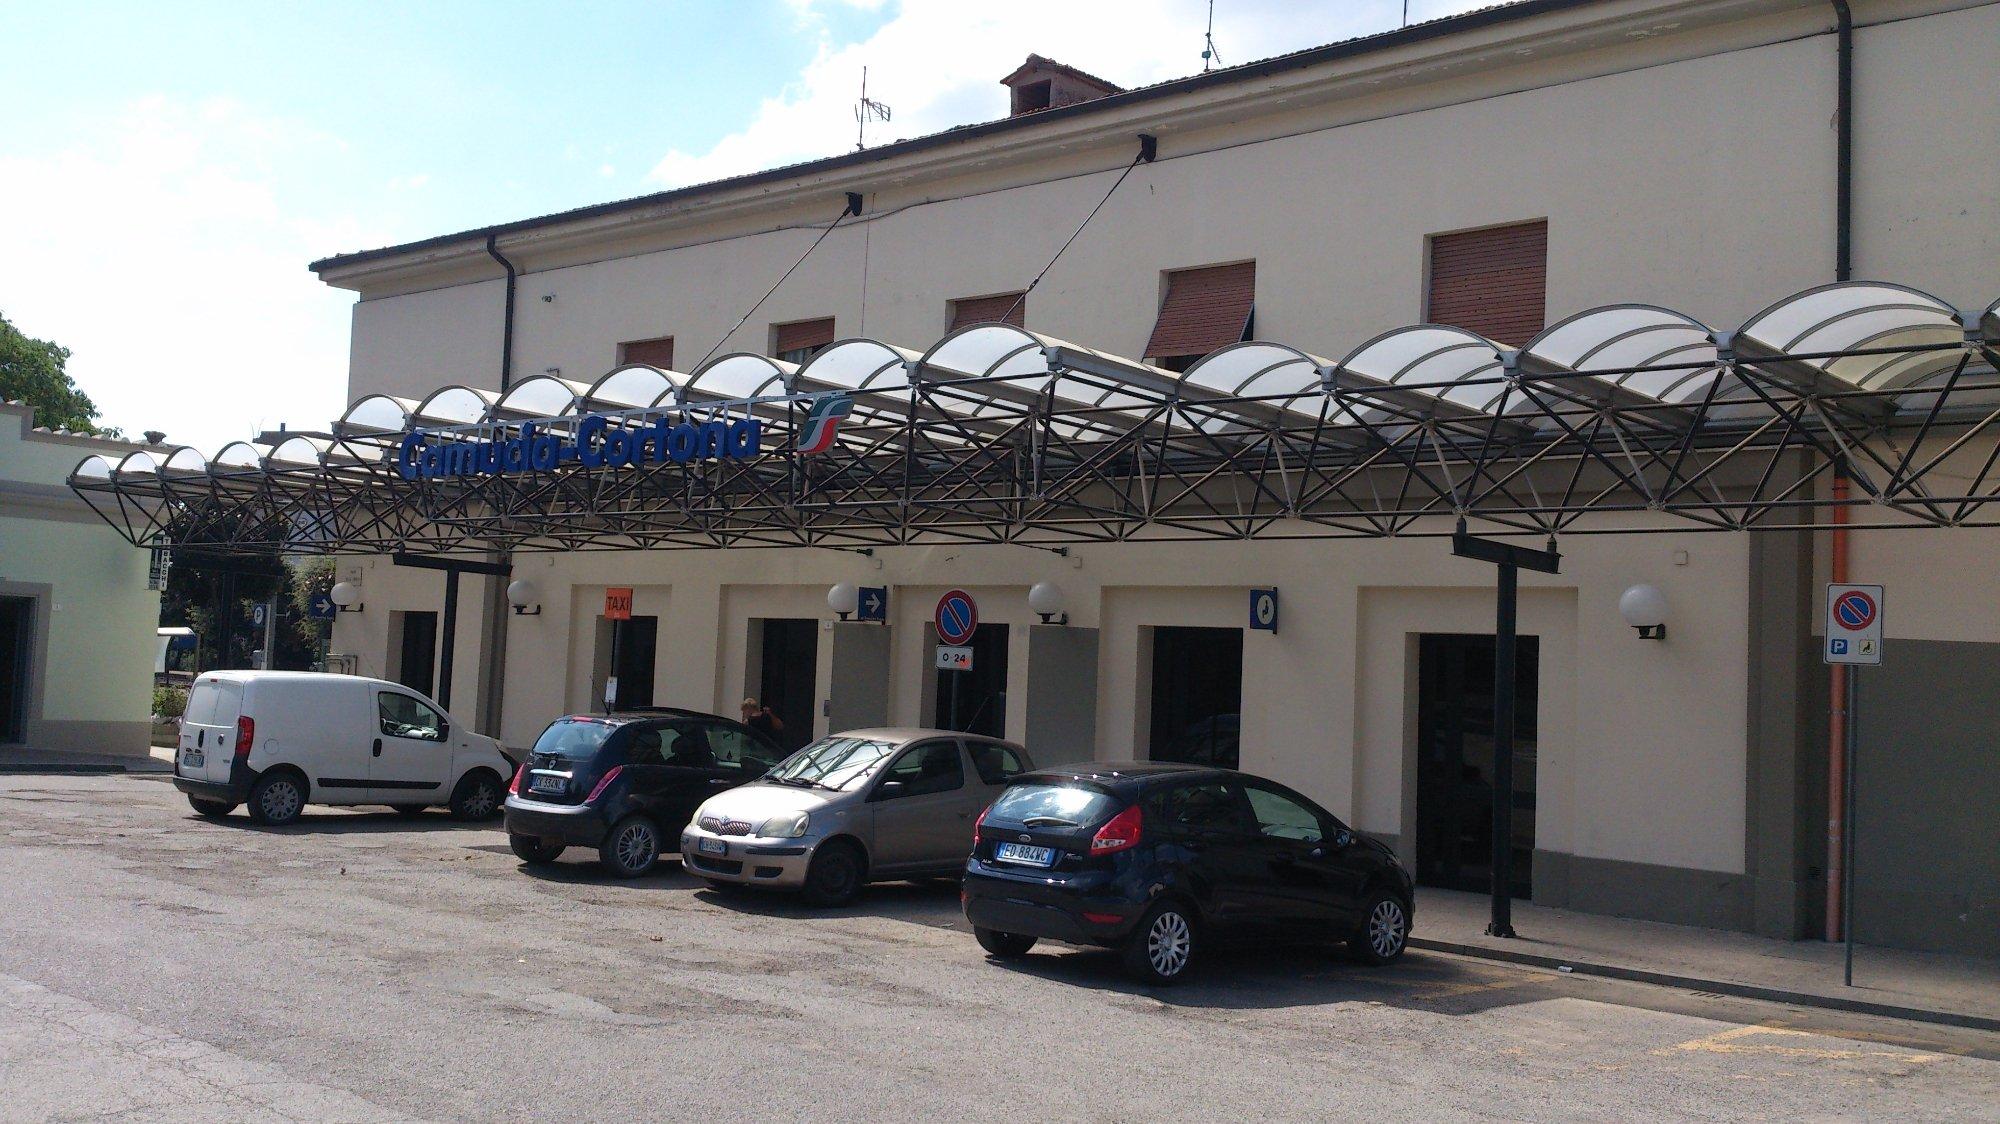 La Stazione di Camucia diverrà sede di Uffici Comunali, firmato l'accordo con RFI